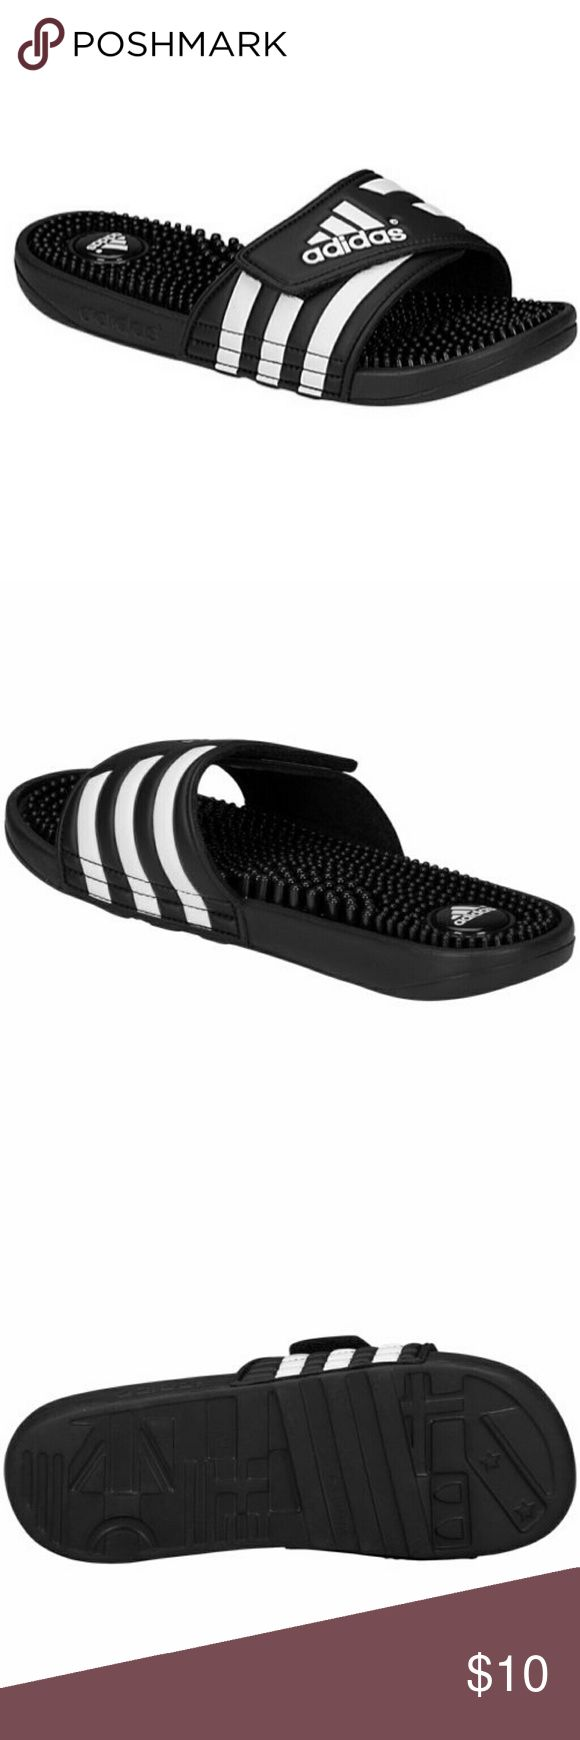 Adidas Flip Flops Men's 11 Black and White Adidas Flip Flops, Excellent Condition. Men's Size 11. Adidas Shoes Sandals & Flip-Flops